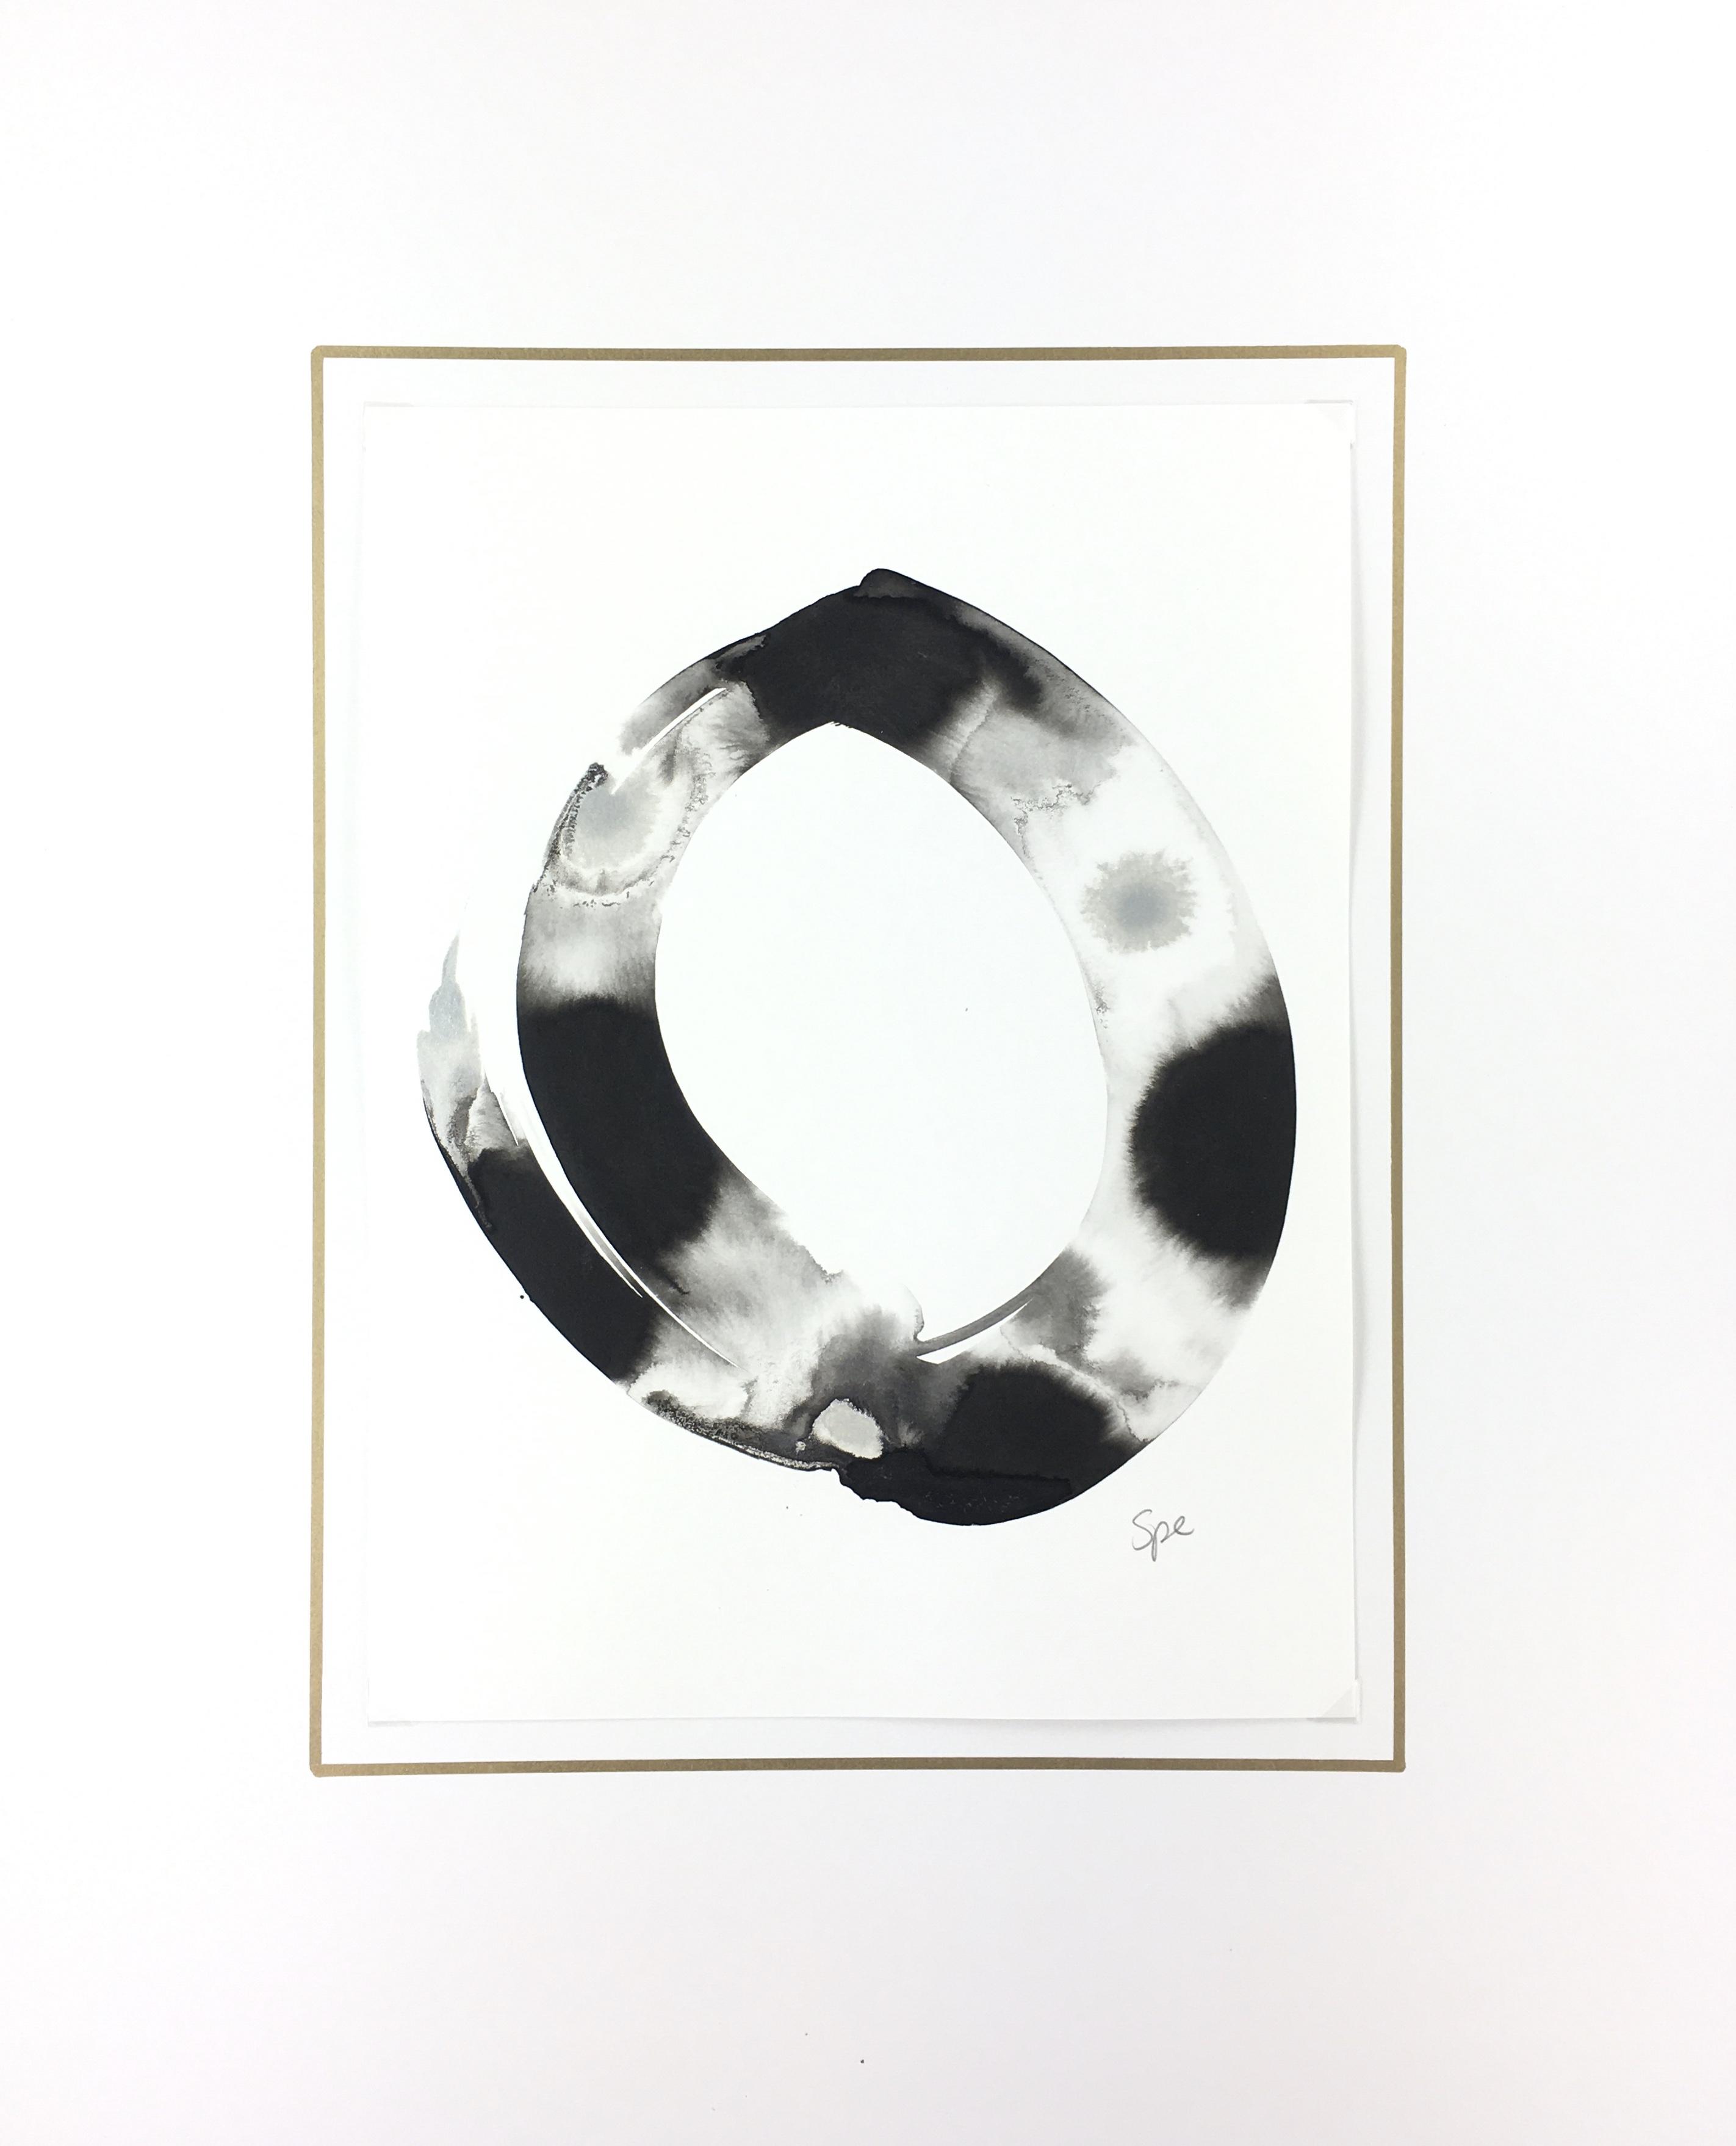 Modern Original Art - Waves, Spe, 2018